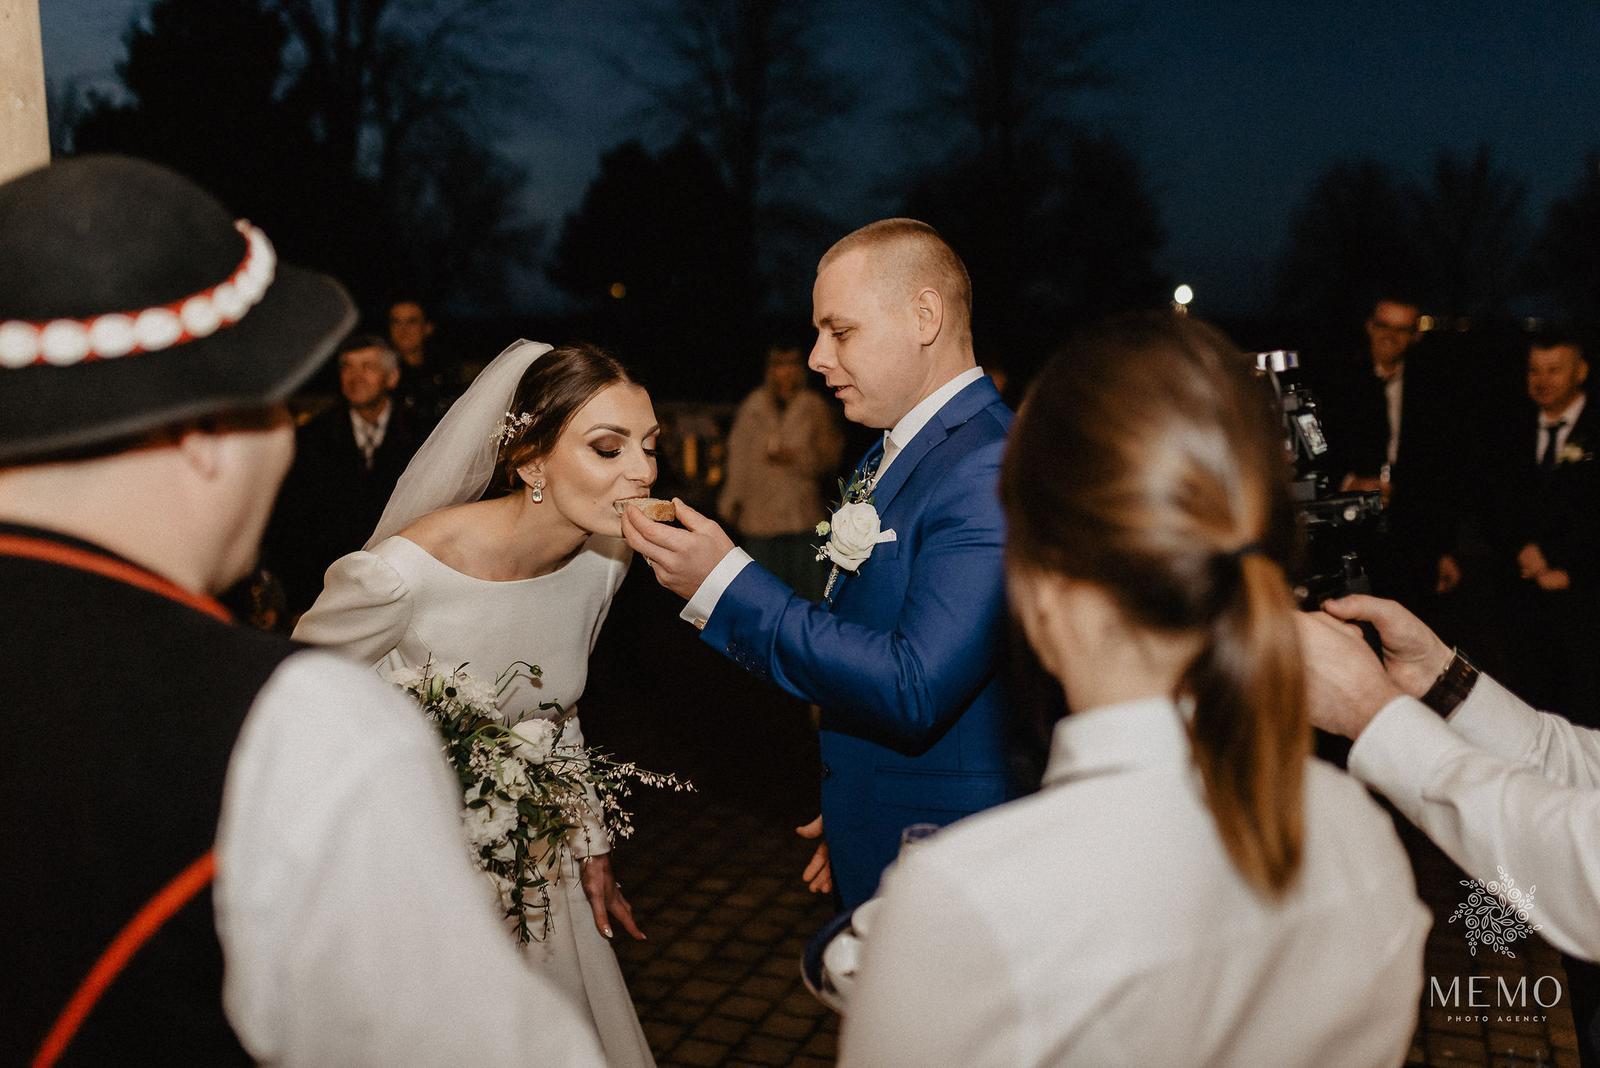 Milana sme pred svadbou... - Obrázok č. 1